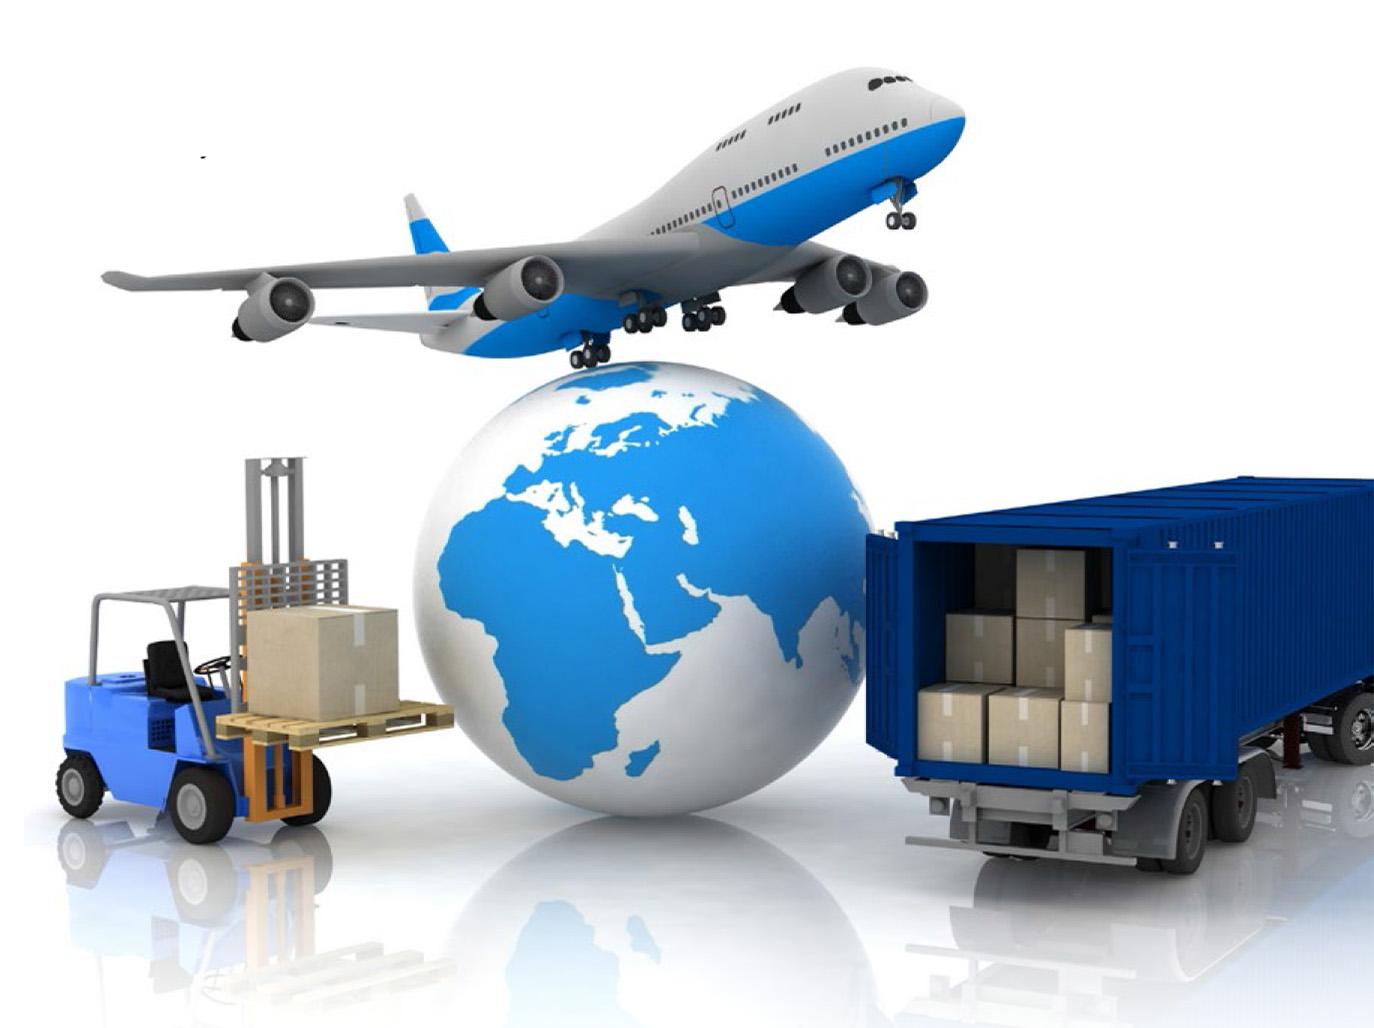 Dịch vụ chuyển phát nhanh Airportcargo nhanh chóng, an toàn, tiết kiệm